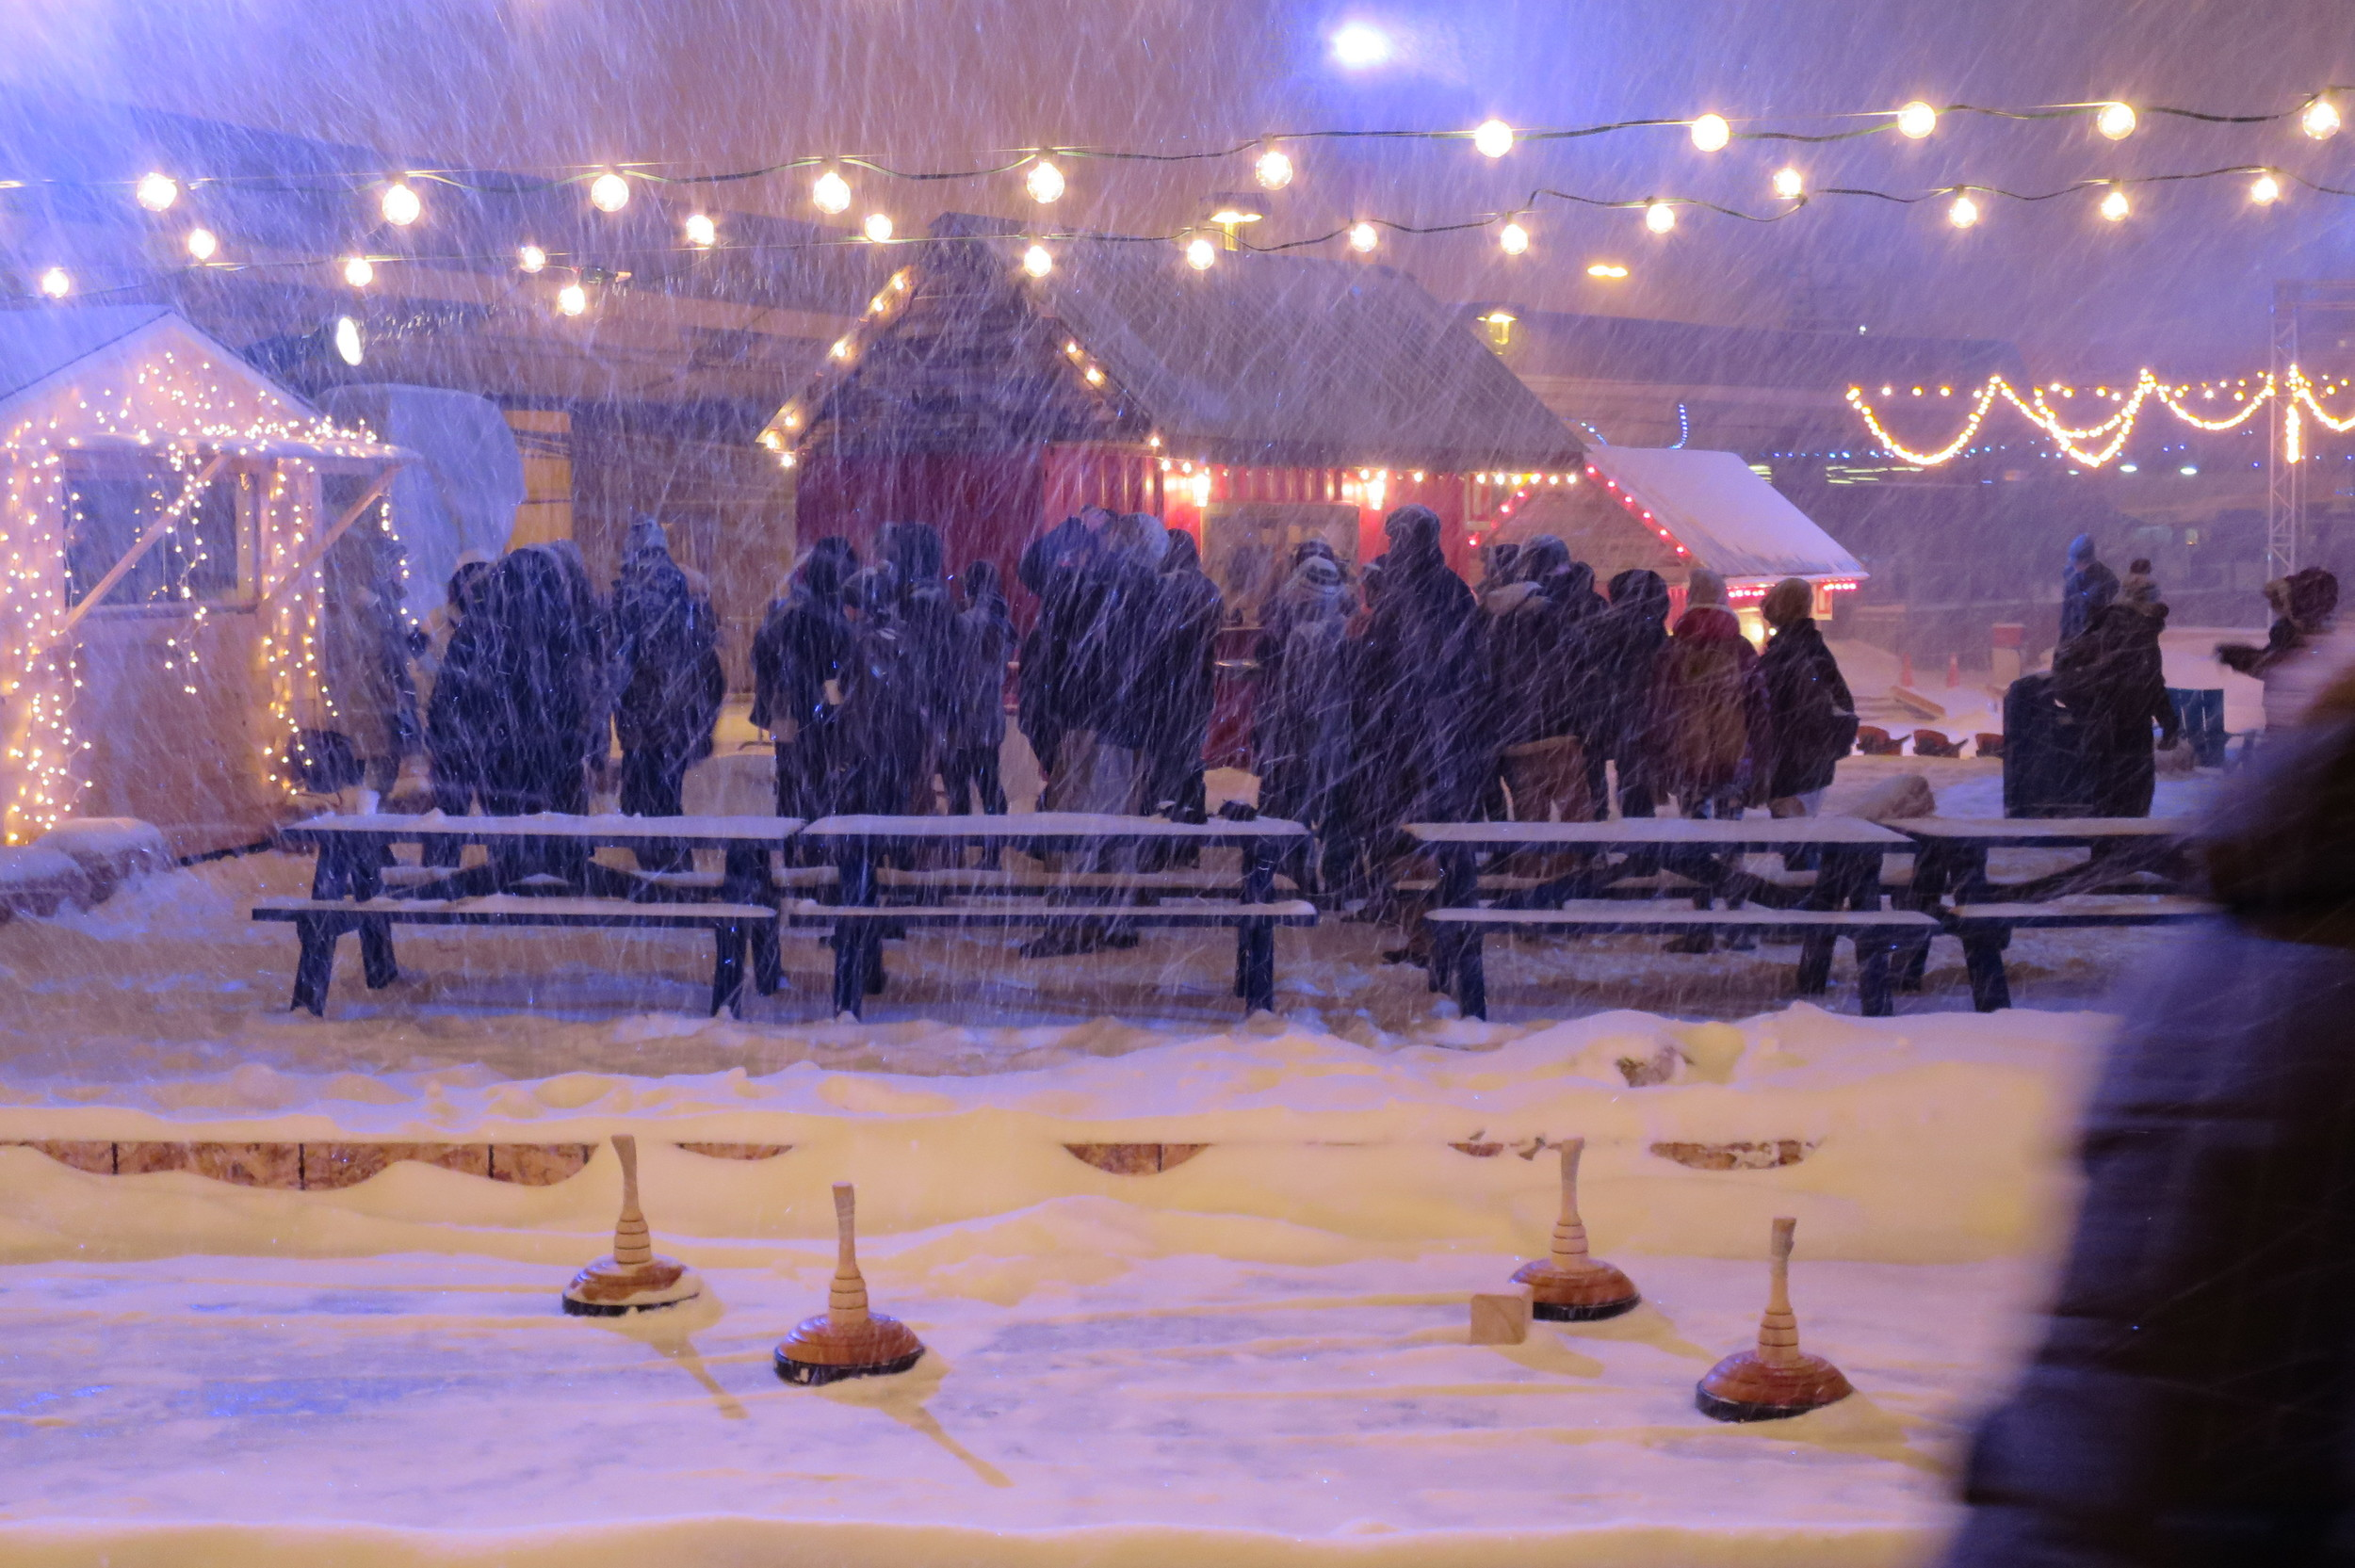 eisstock ou curling bavarois à l'hivernale, Montréal